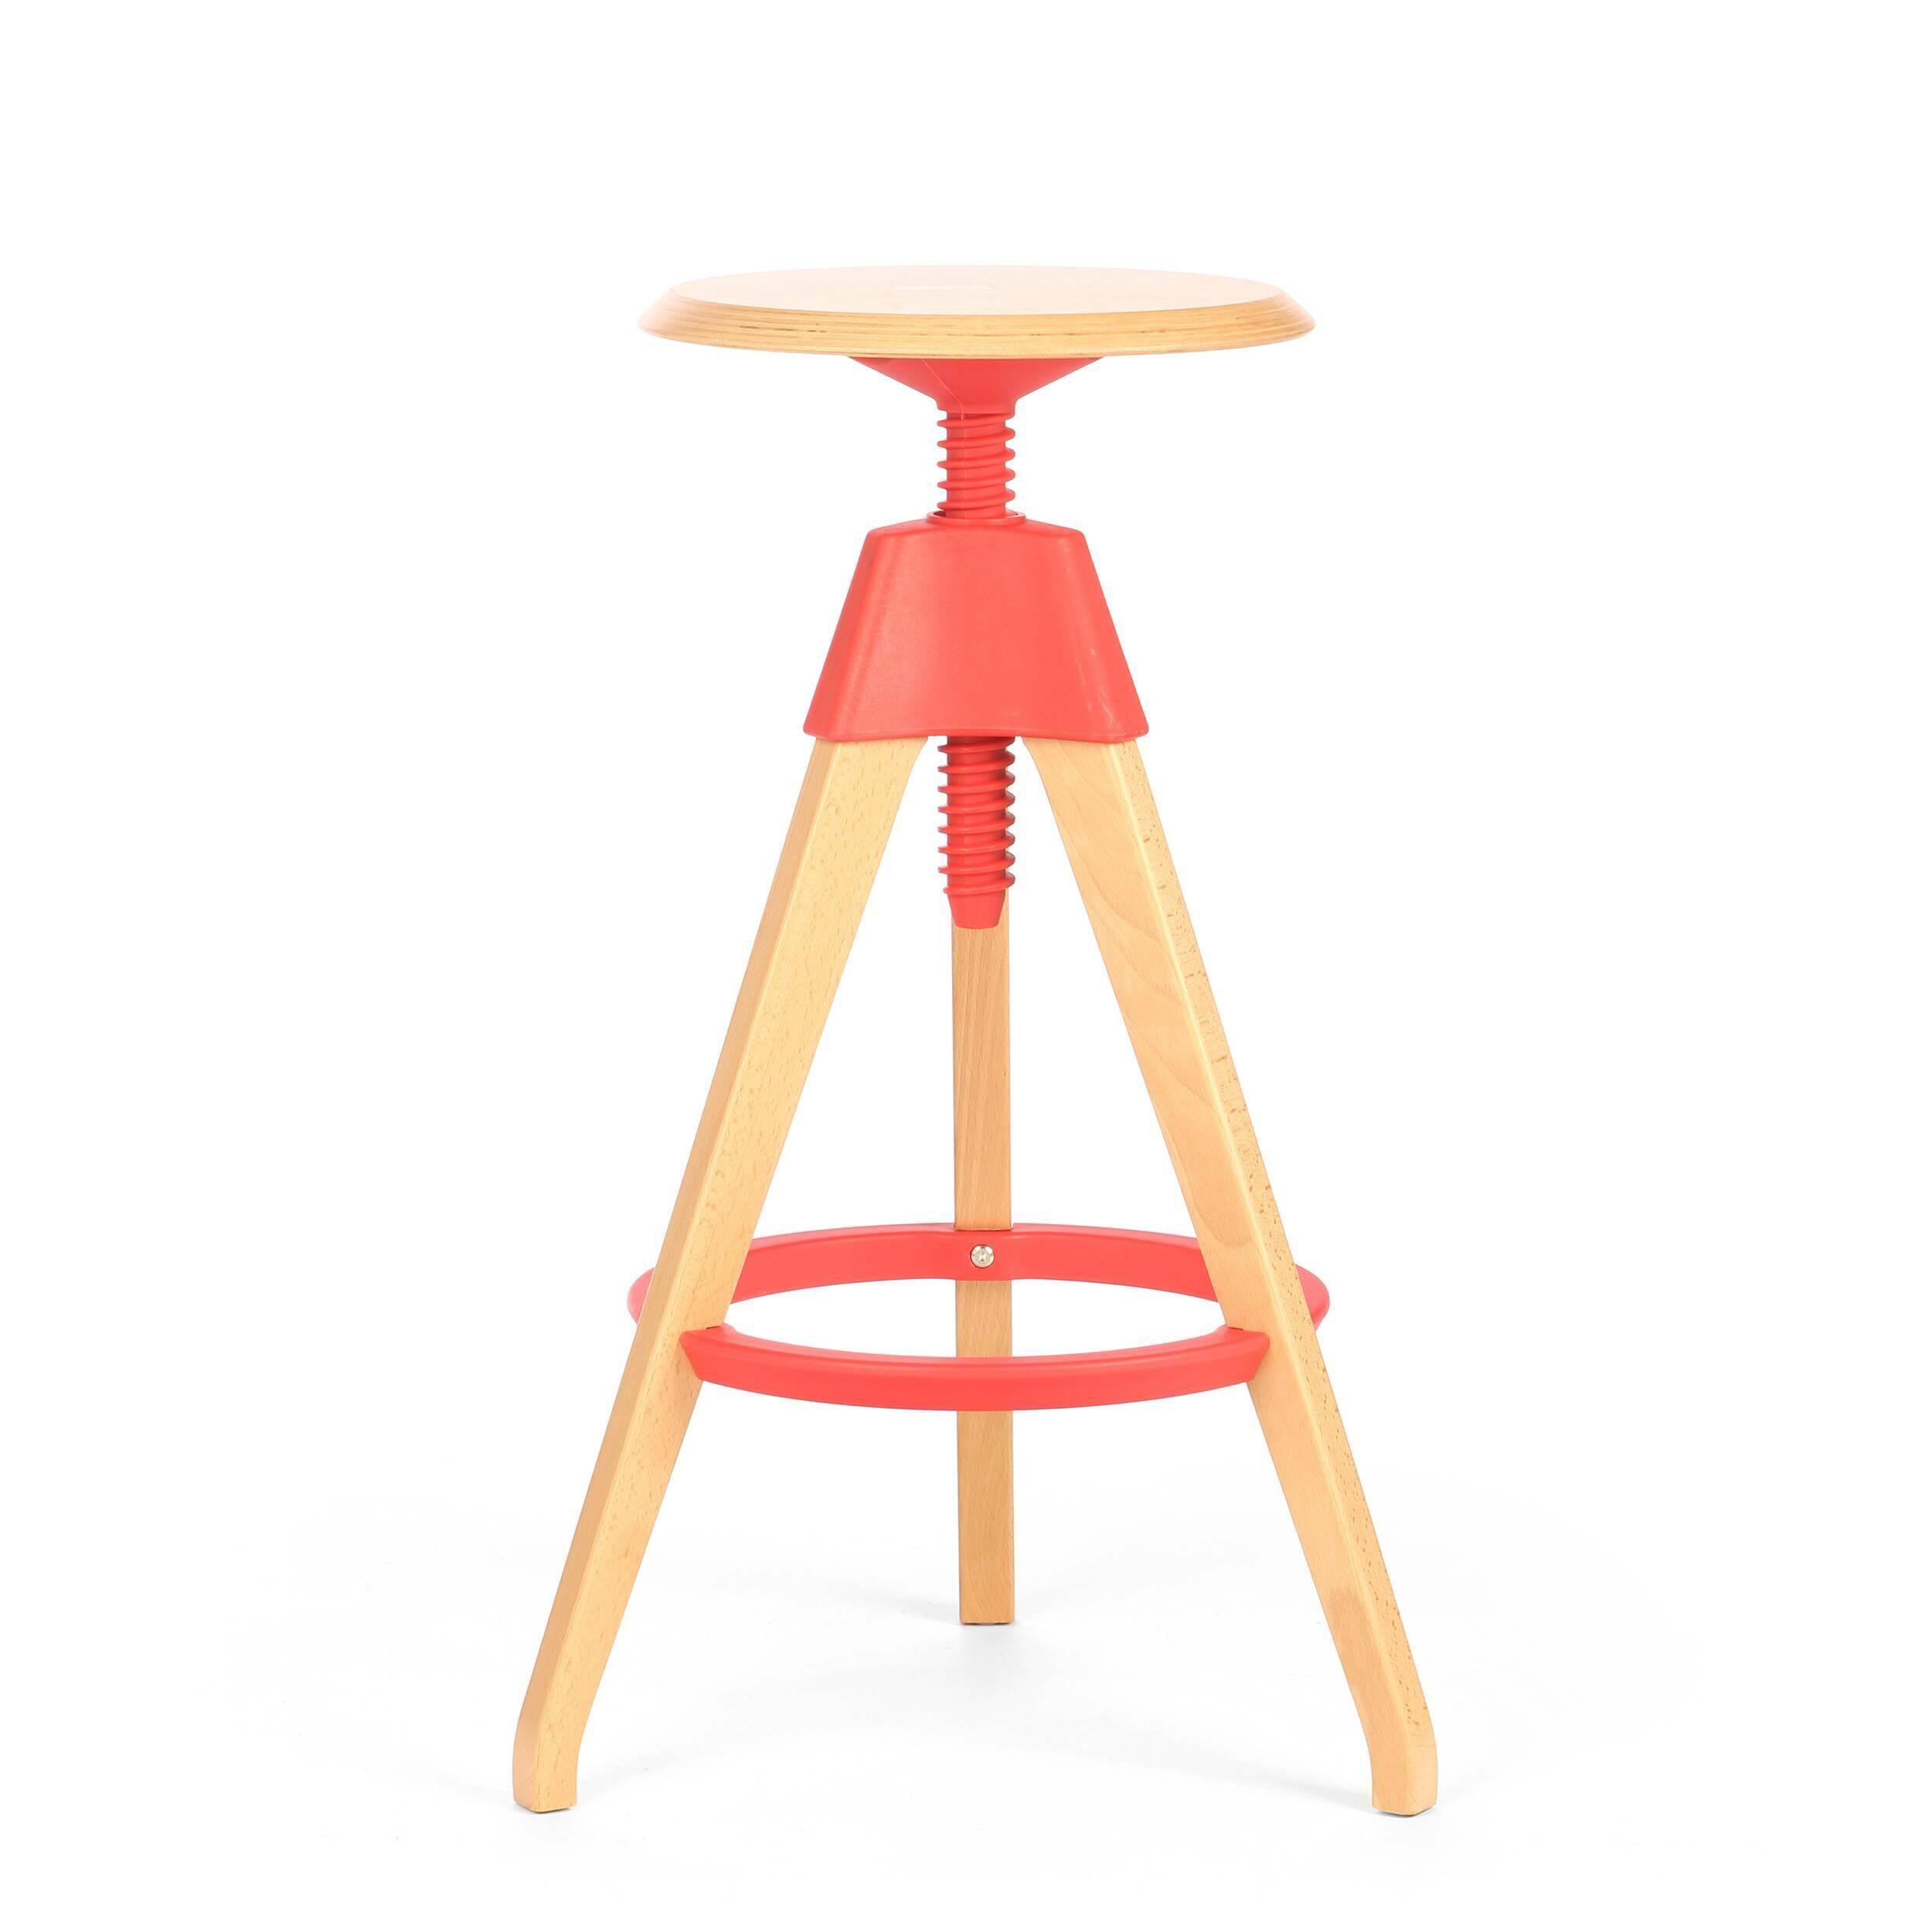 Барный стул JerryБарные<br>Дизайнерский светло-коричневый деревянный барный стул Jerry (Джерри) с цветным каркасом от Cosmo (Космо). <br><br> Игривый и легкий оригинальный барный стул Jerry — это натуральное дерево в комплекте с прочным пластиком. Винтовой механизм, укрепленный под аккуратным сиденьем, позволяет регулировать высоту стула. Устойчивые ножки, выполненные из бука, гармонируют с колористическим решением конструктивных деталей.<br><br><br> Применение такой мебели довольно широко, начиная от скандинавского натурализм...<br><br>stock: 12<br>Высота: 76<br>Высота сиденья: 68-76<br>Диаметр: 45<br>Цвет ножек: Светло-коричневый<br>Материал ножек: Массив бука<br>Тип материала каркаса: Полипропилен<br>Материал сидения: Массив бука<br>Цвет сидения: Светло-коричневый<br>Тип материала сидения: Дерево<br>Тип материала ножек: Дерево<br>Цвет каркаса: Красный